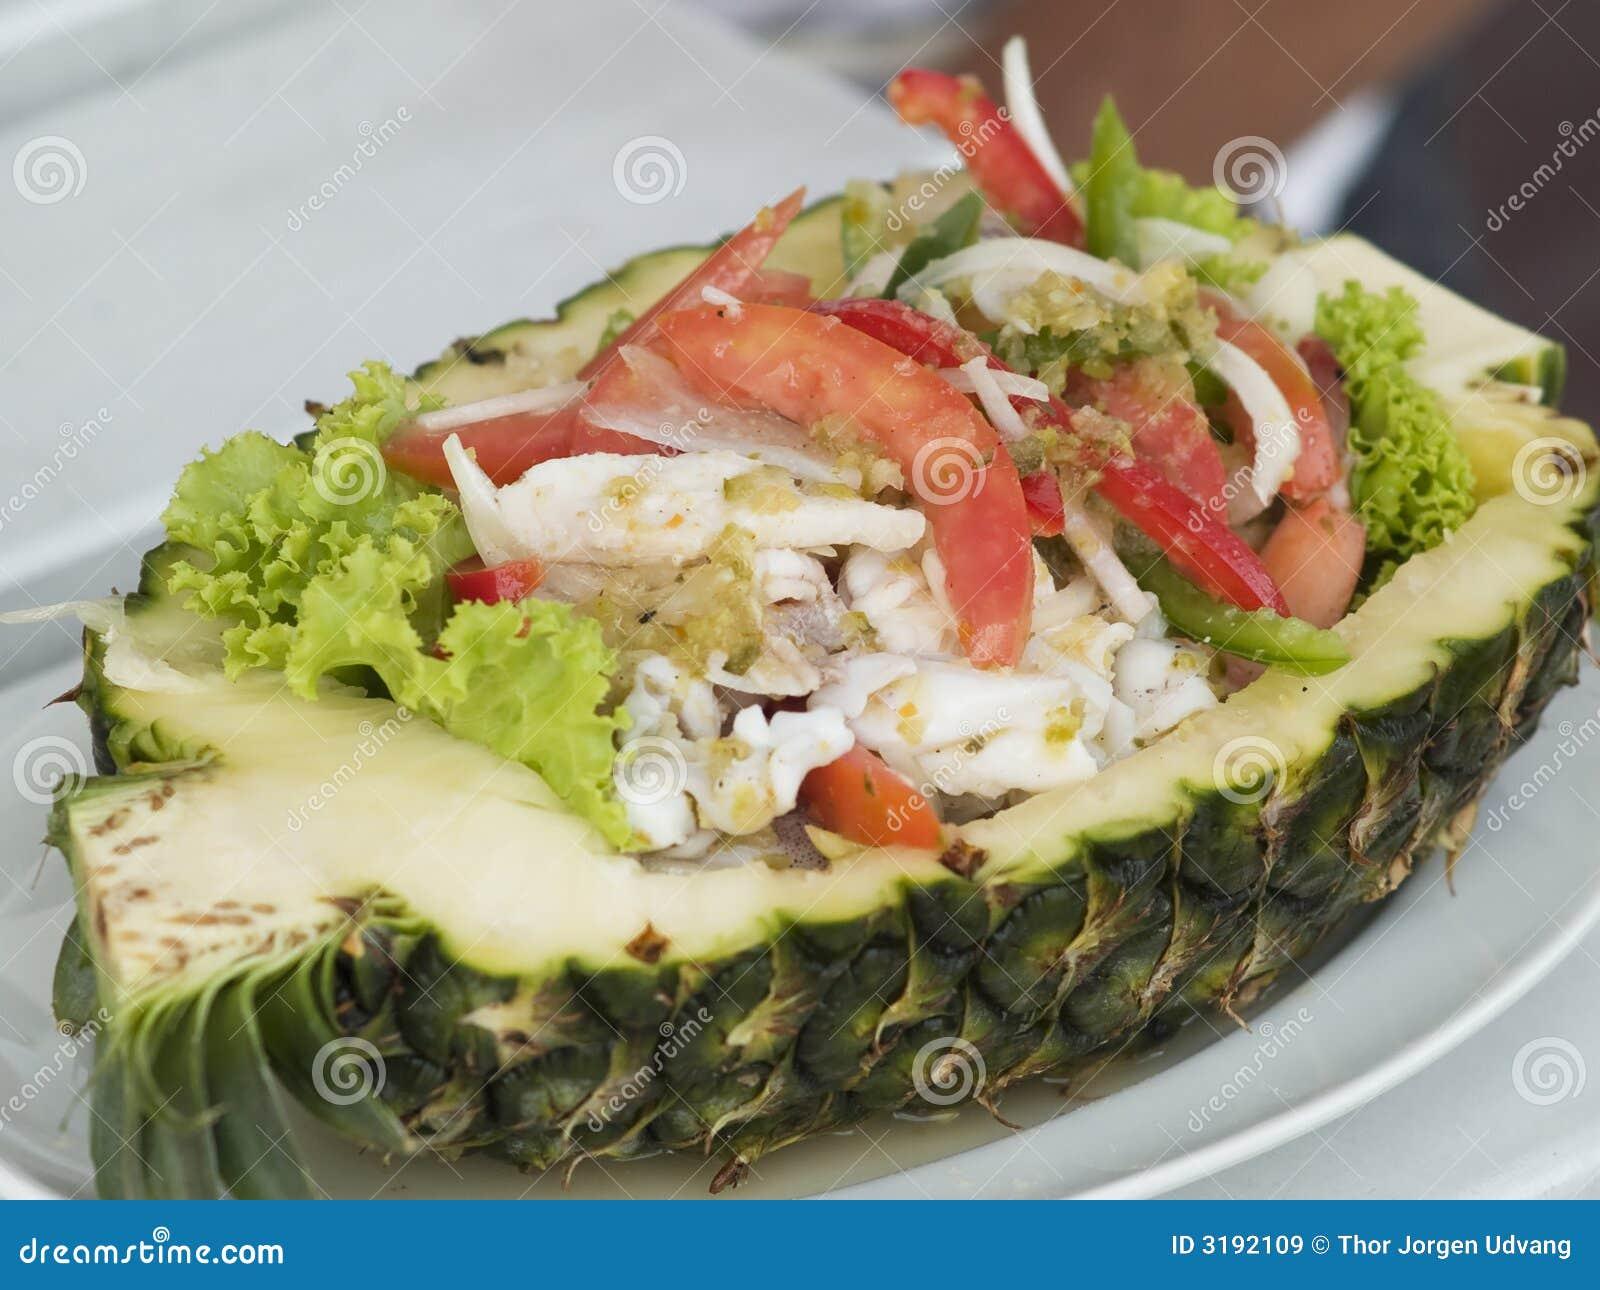 salade de fruits de mer et ananas